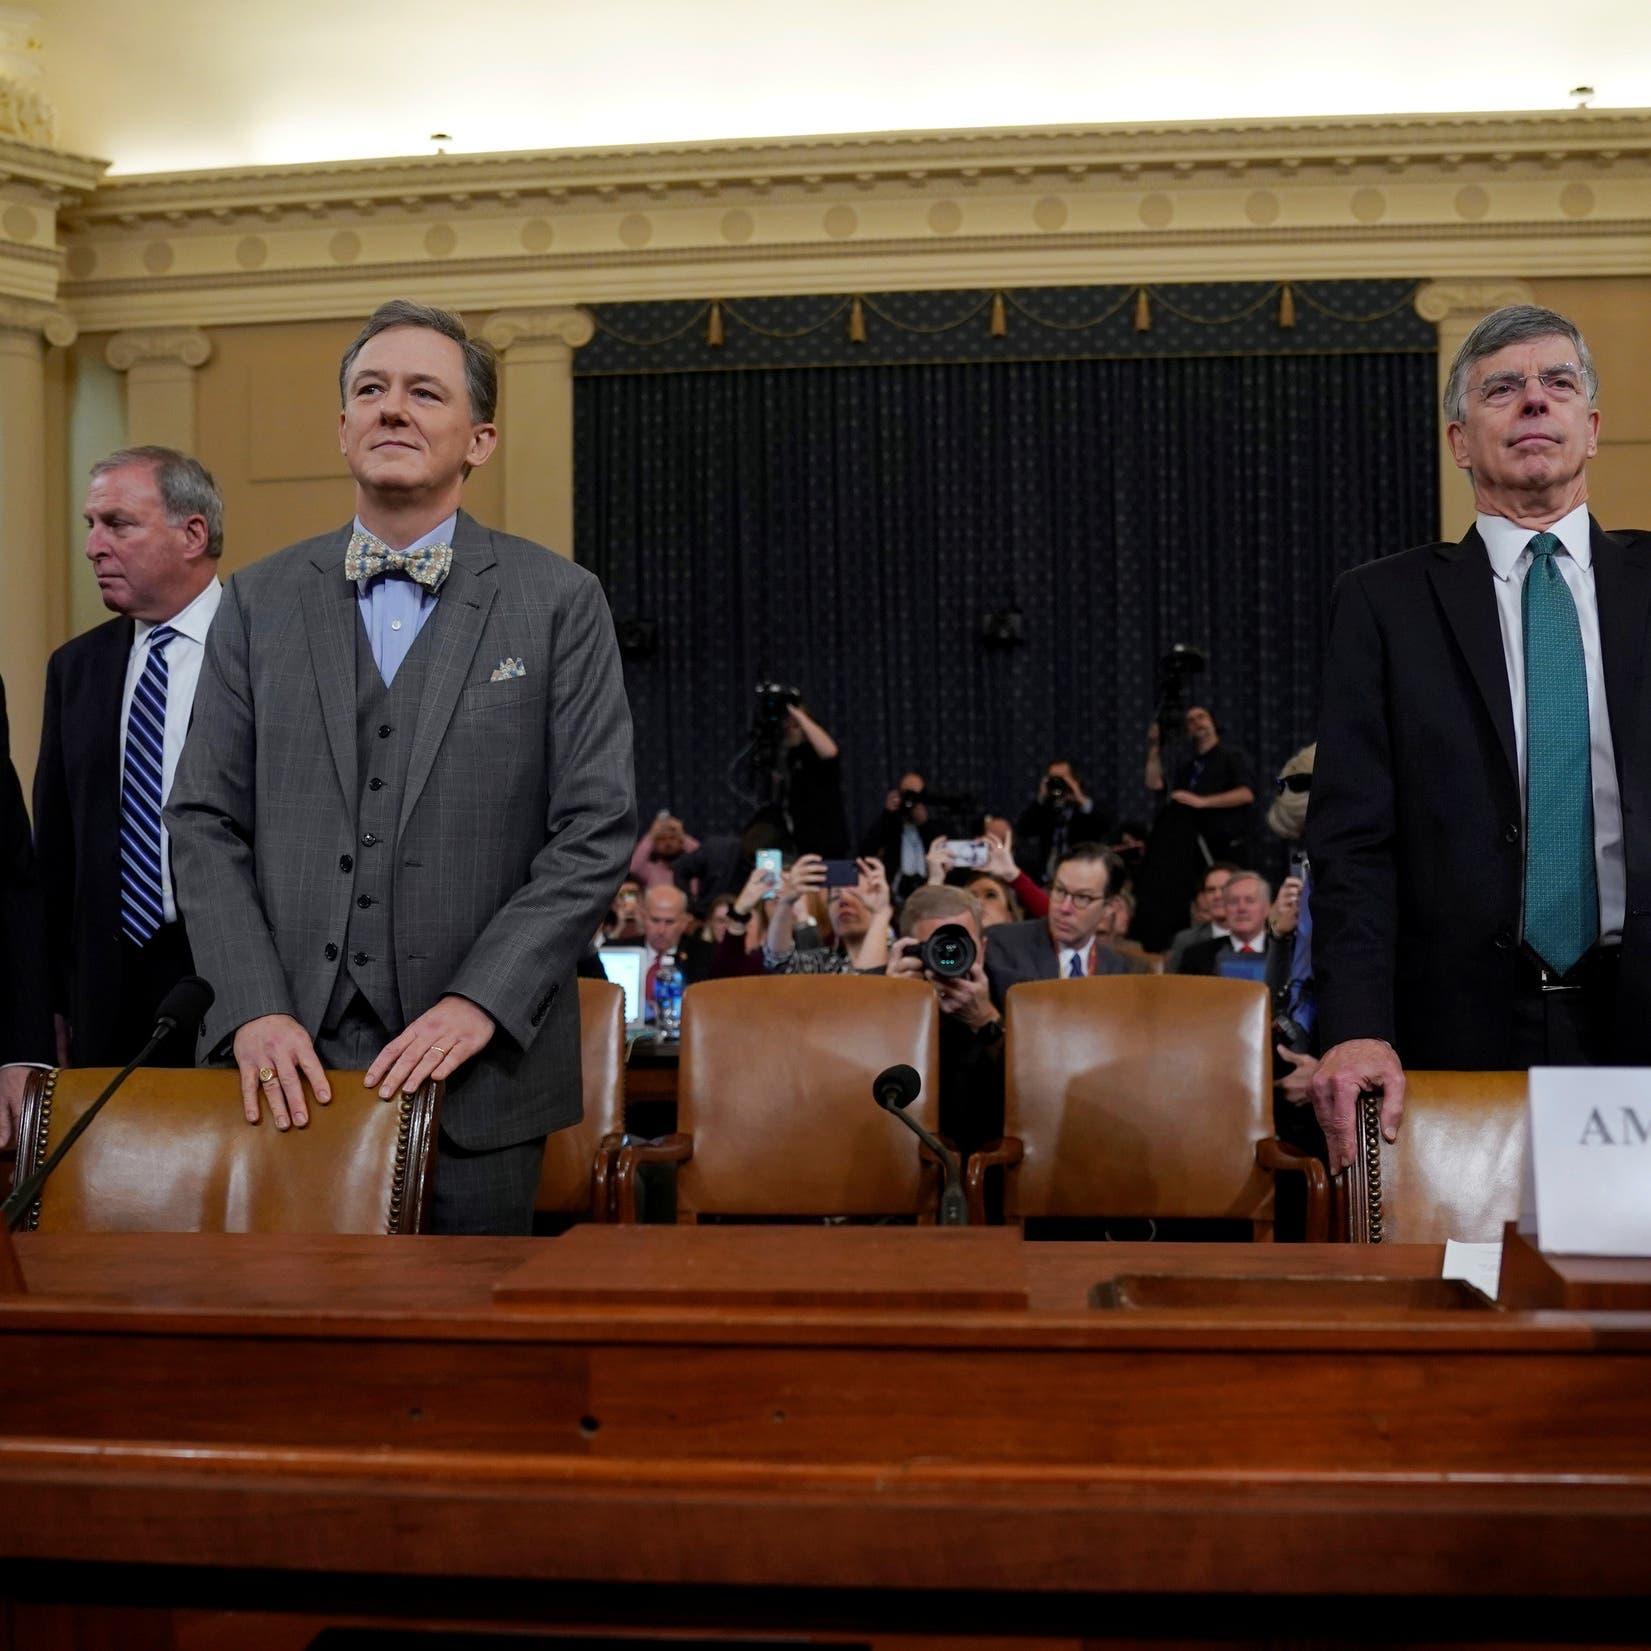 بدء أولى جلسات الاستماع العلنية في قضية مساءلة ترمب